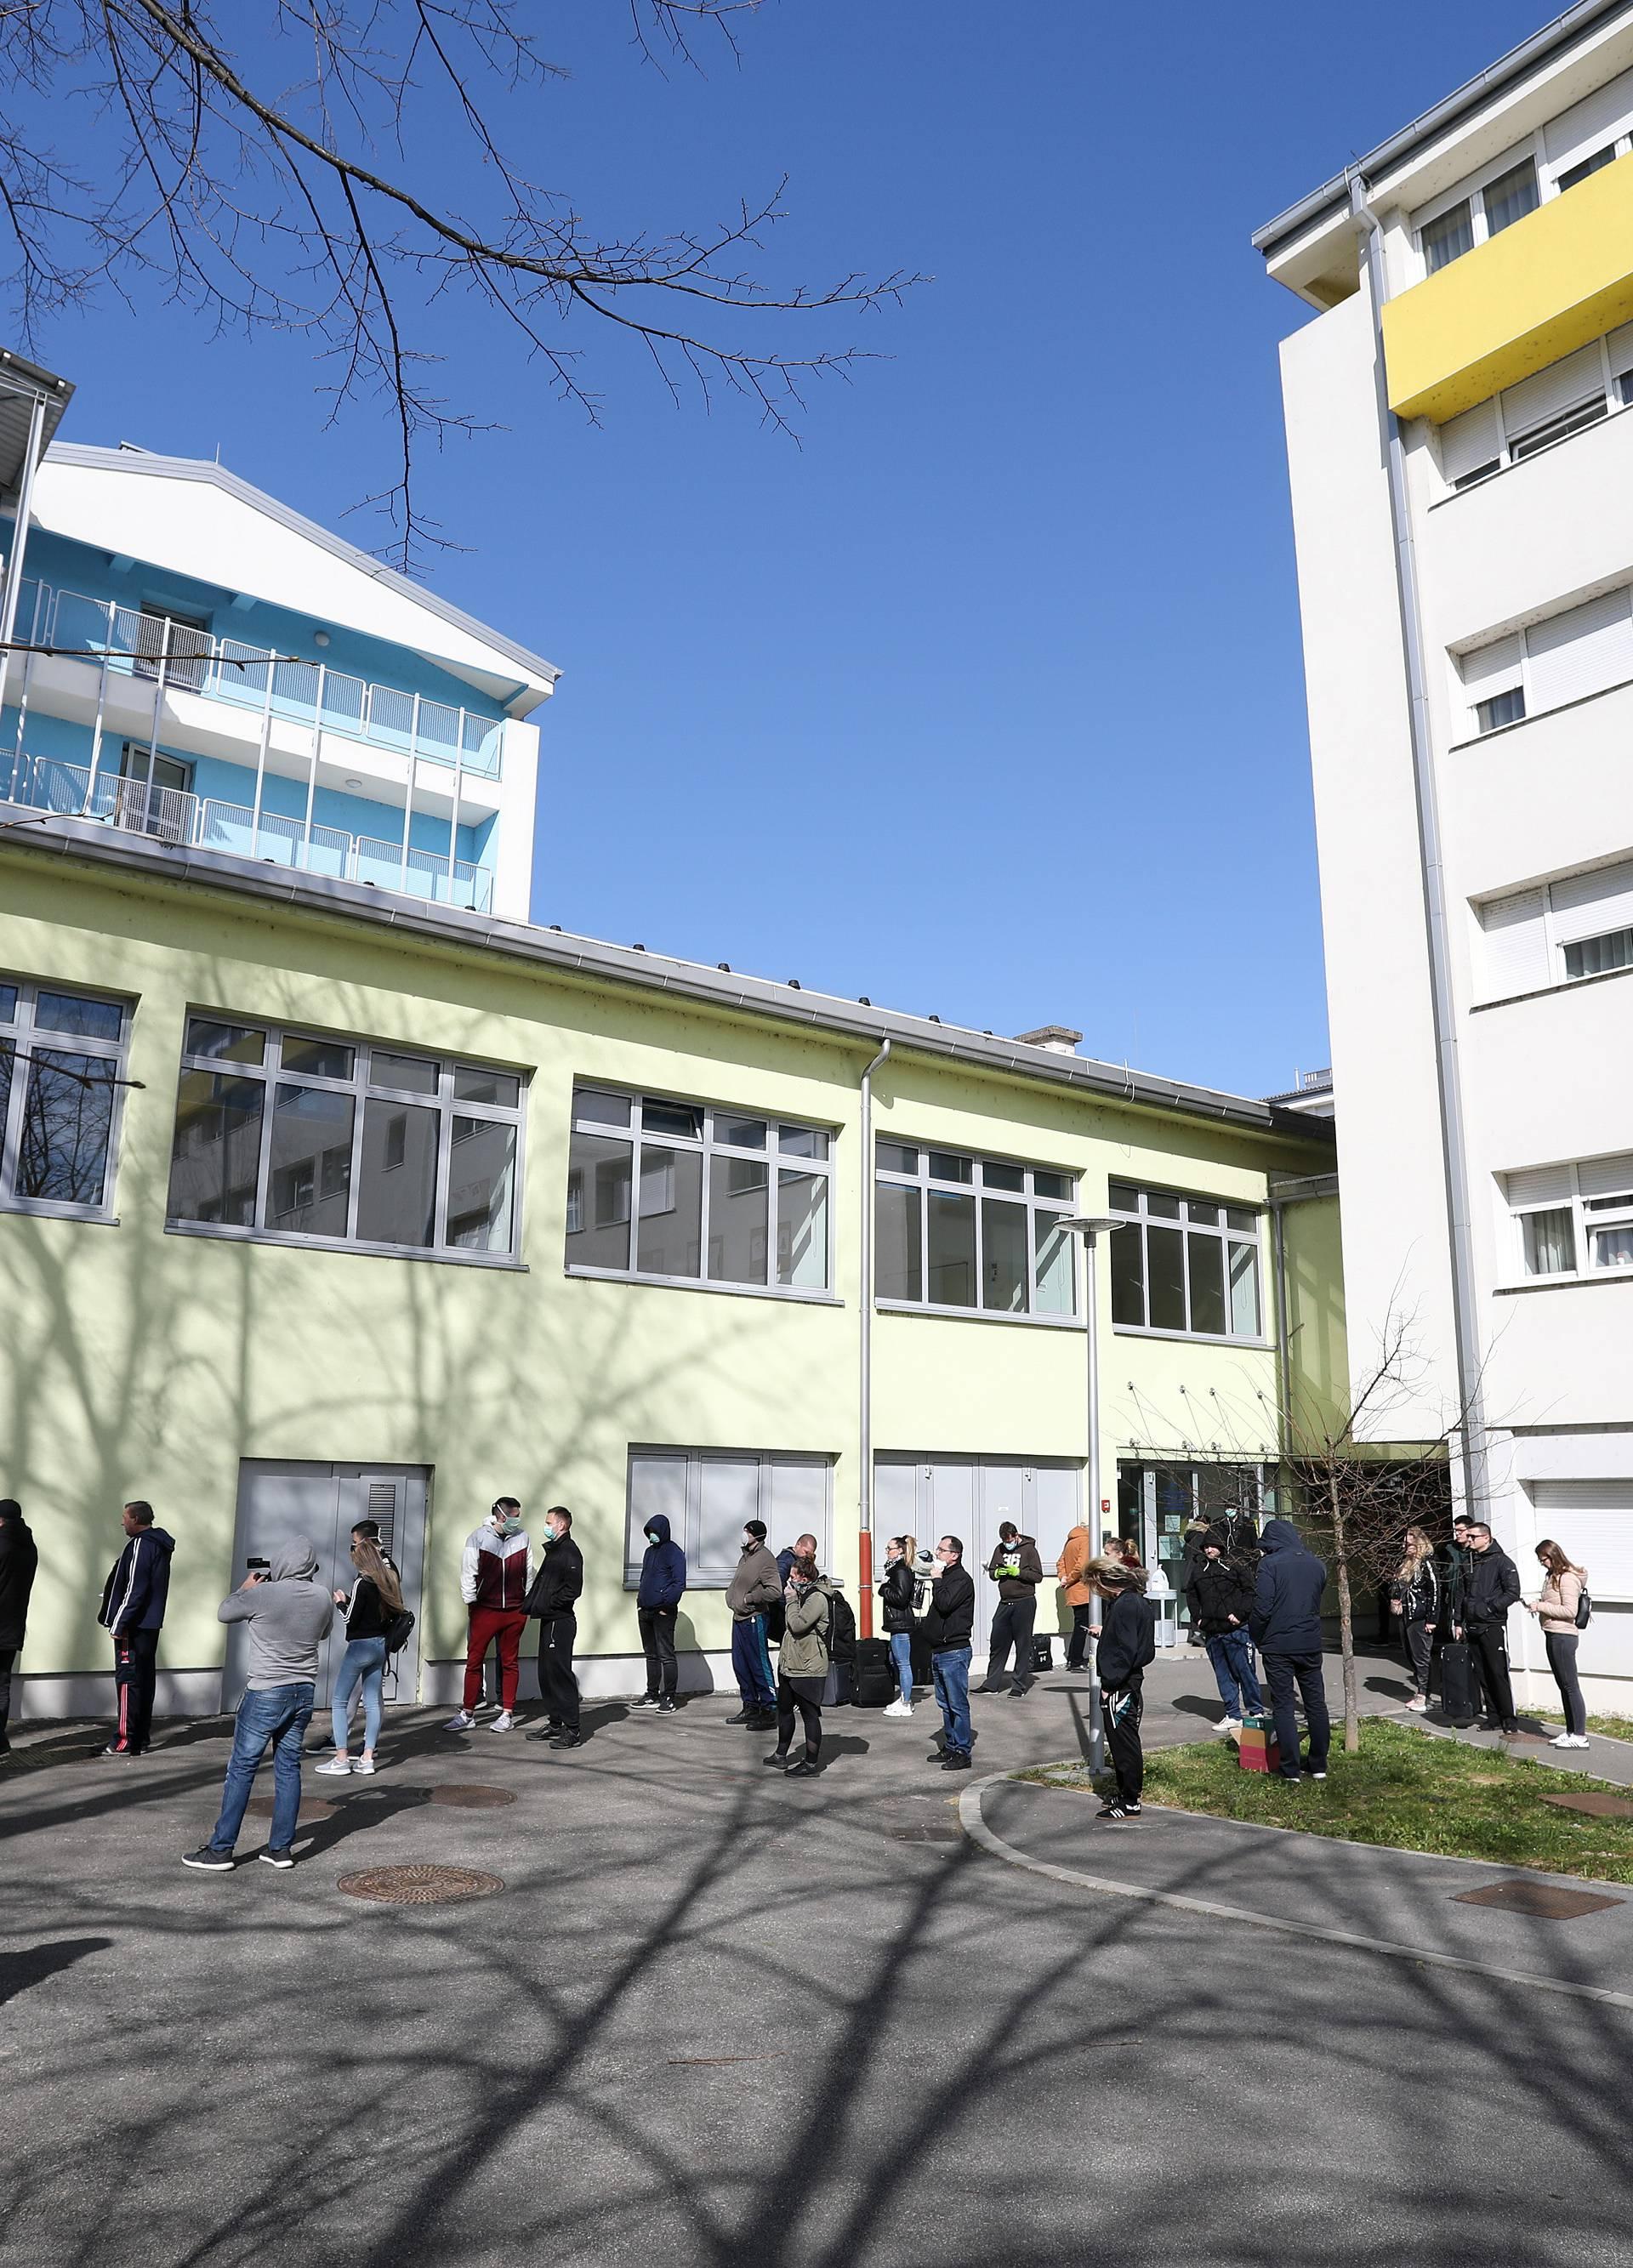 Nakon potresa: Stotinjak ljudi prenoćit će u domu 'Cvjetno'